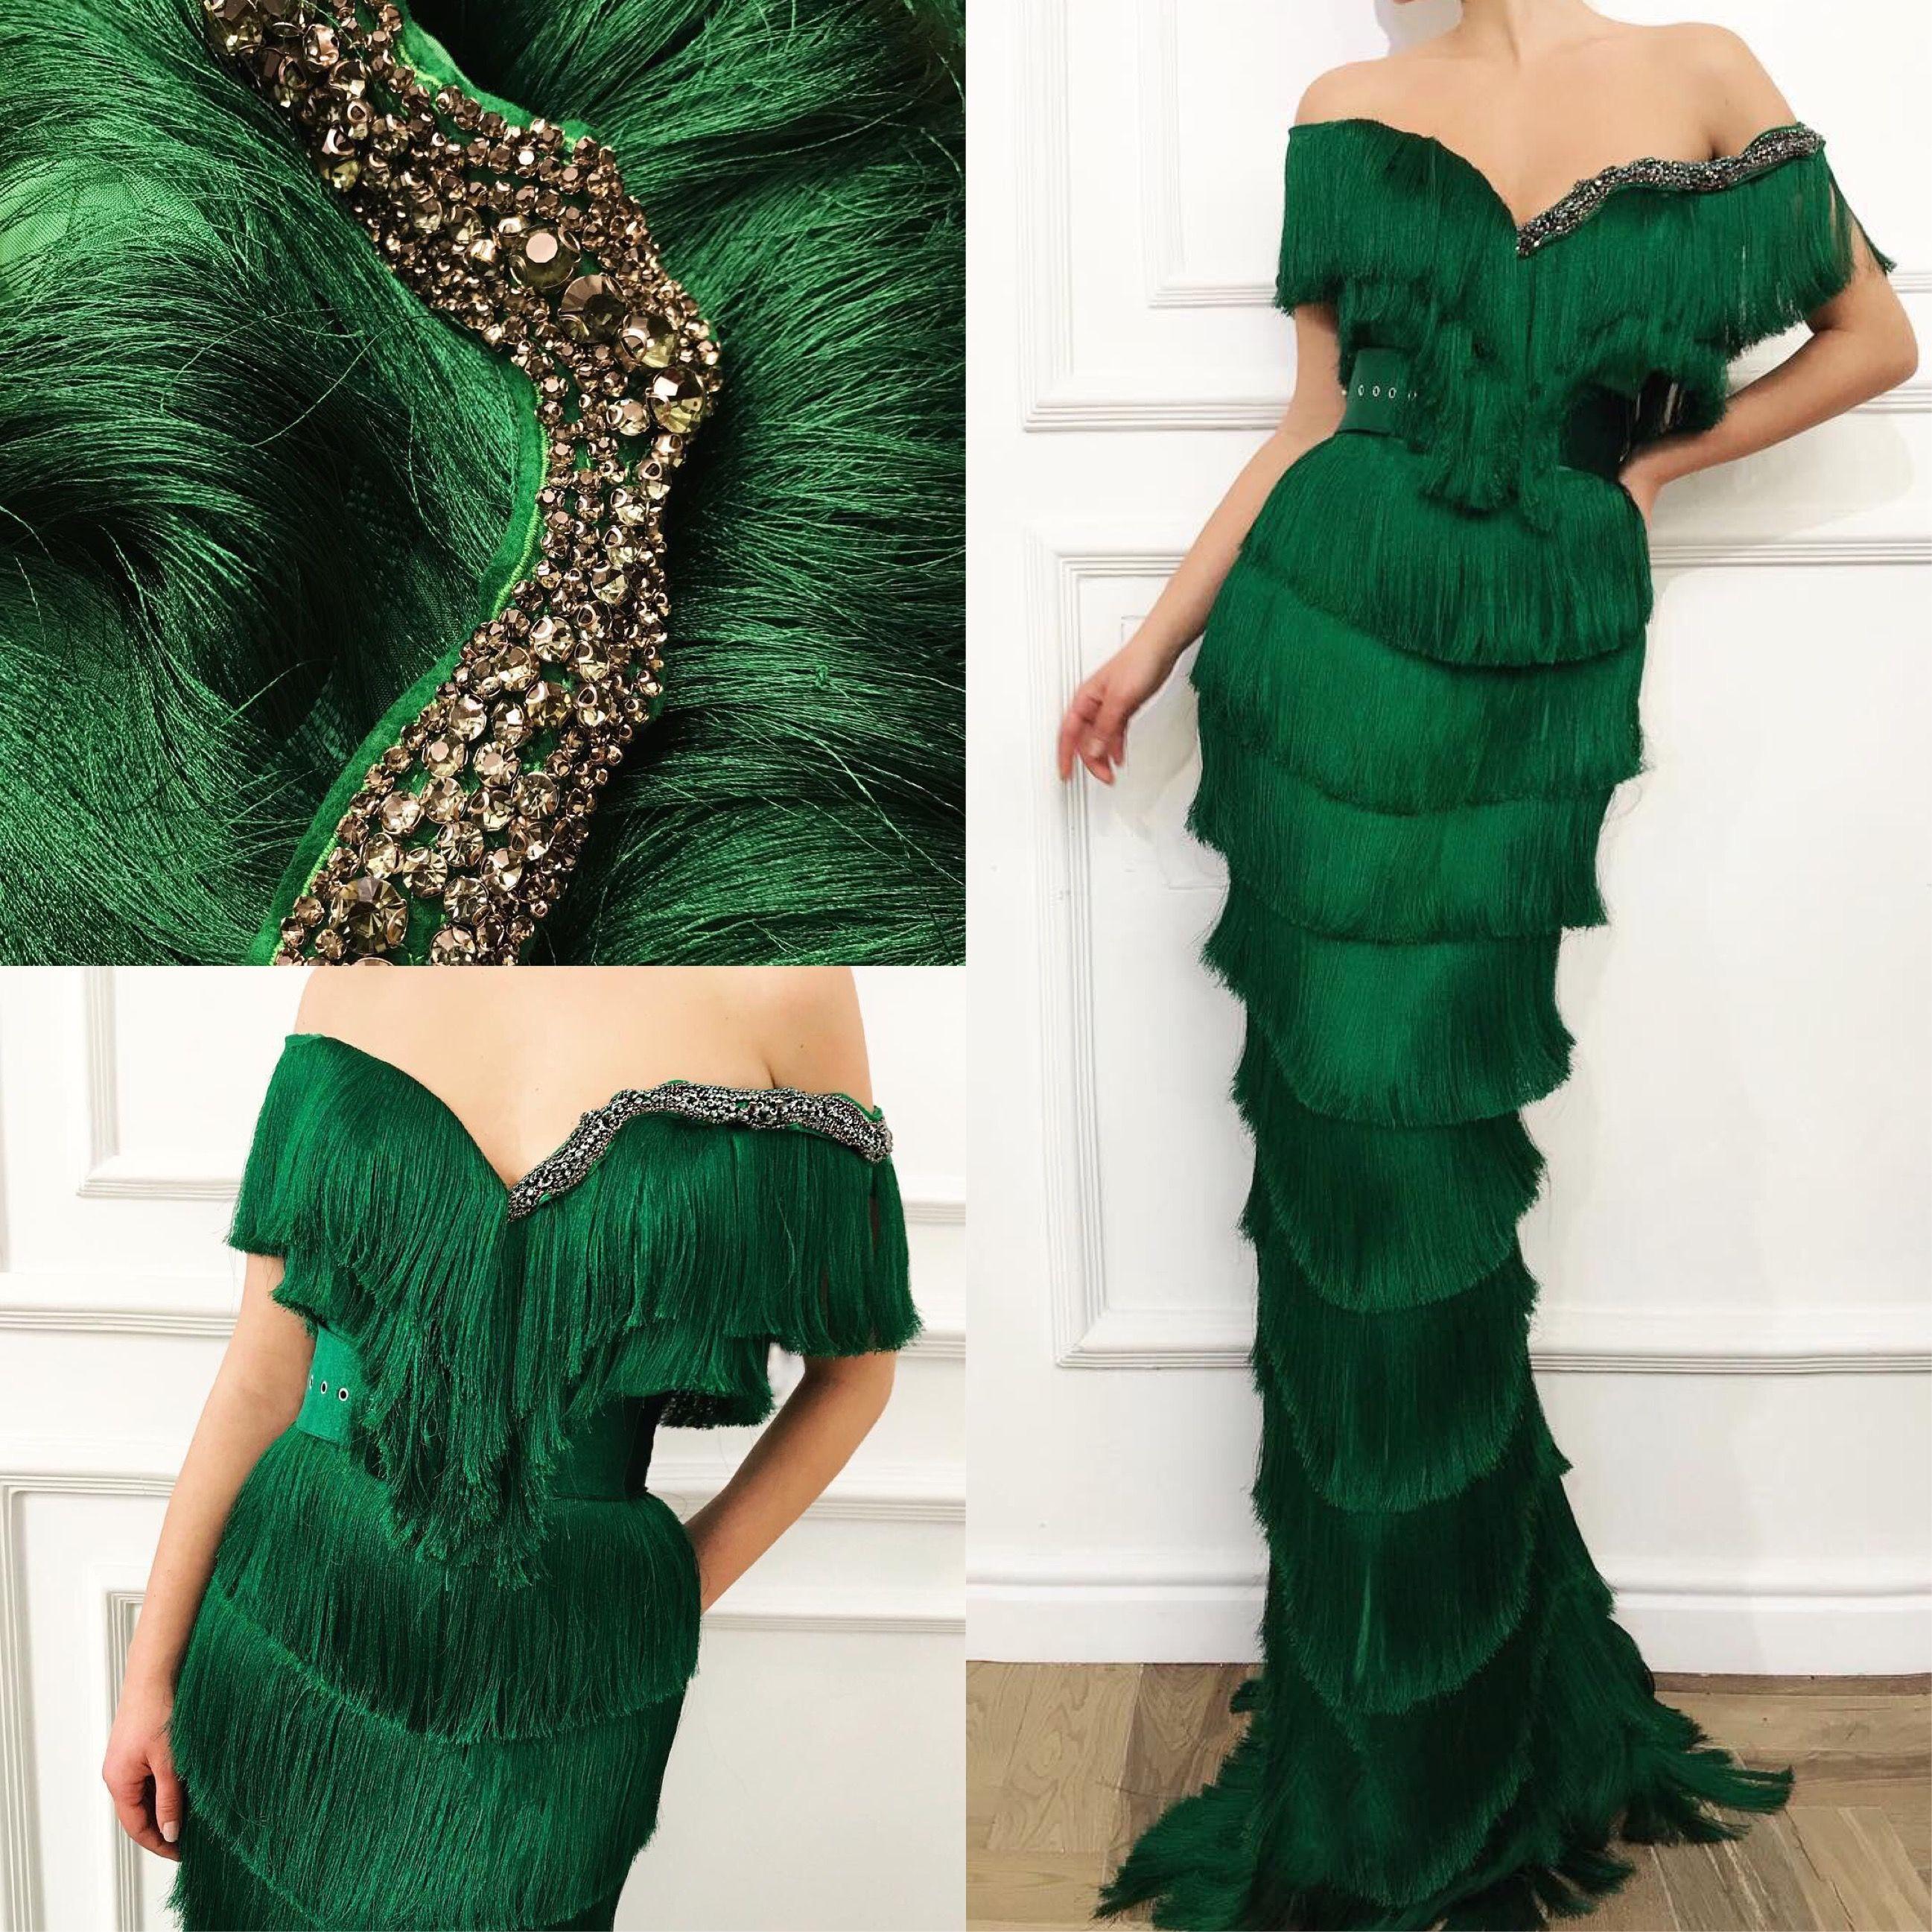 Vestiti Lunghi Eleganti Wish.I Wish I Had The Figure For This Dress Abiti Lunghi Abiti